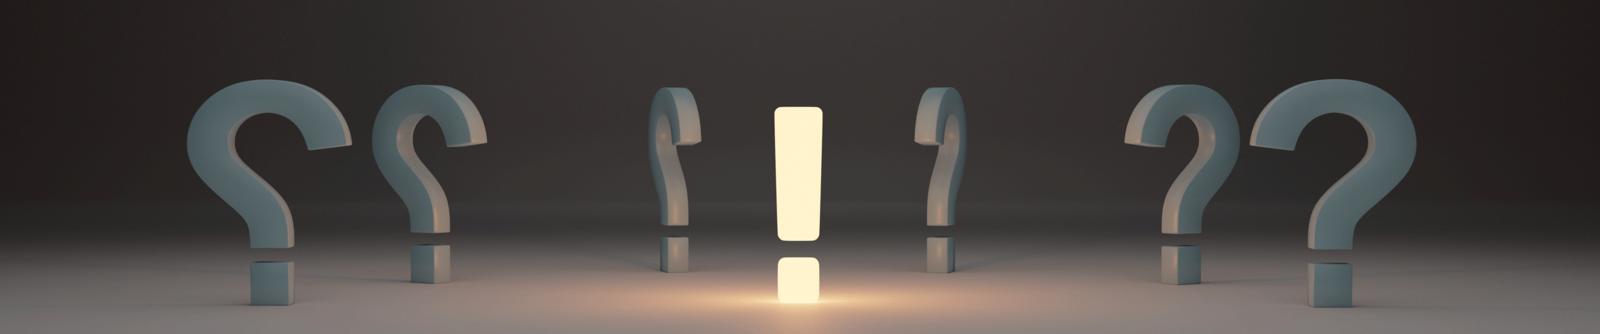 Symbolbild Fragen & Antworten